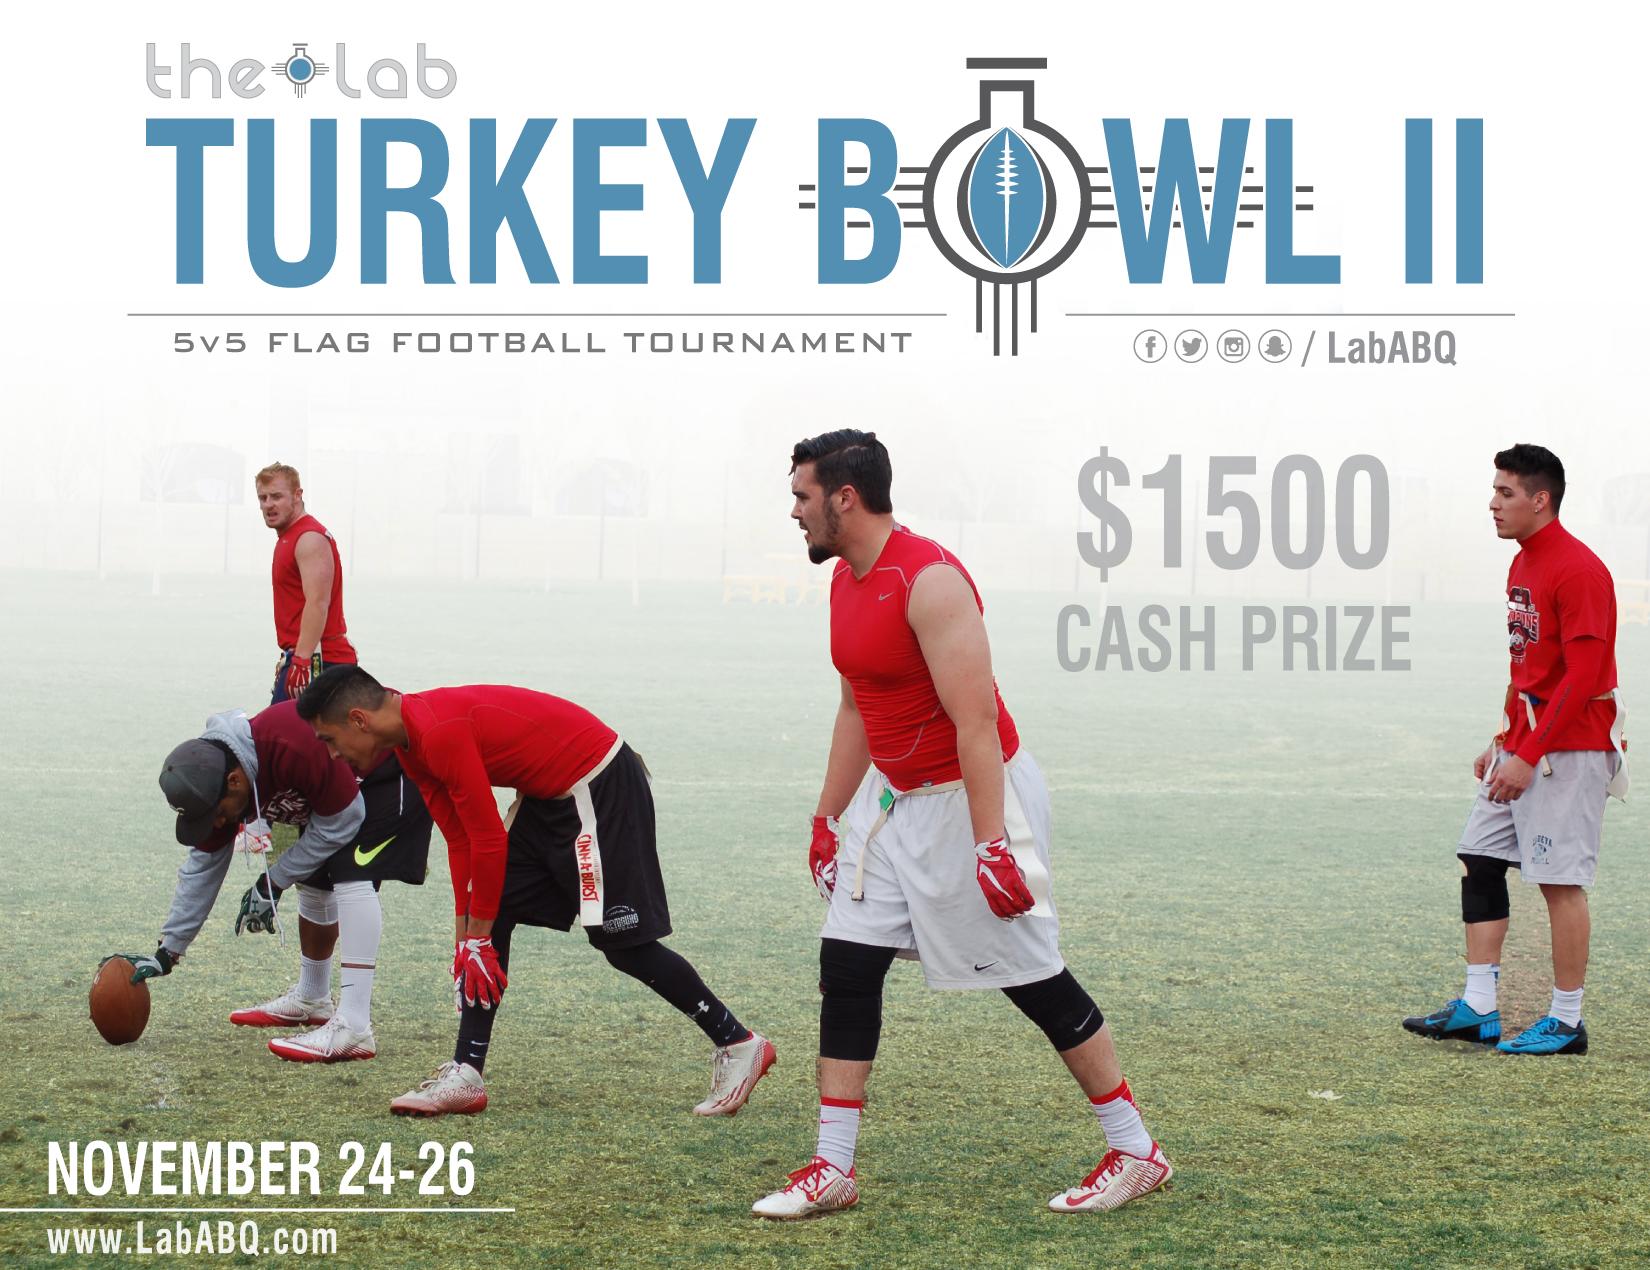 TurkeyBowl2-Promo2-Snap.jpg